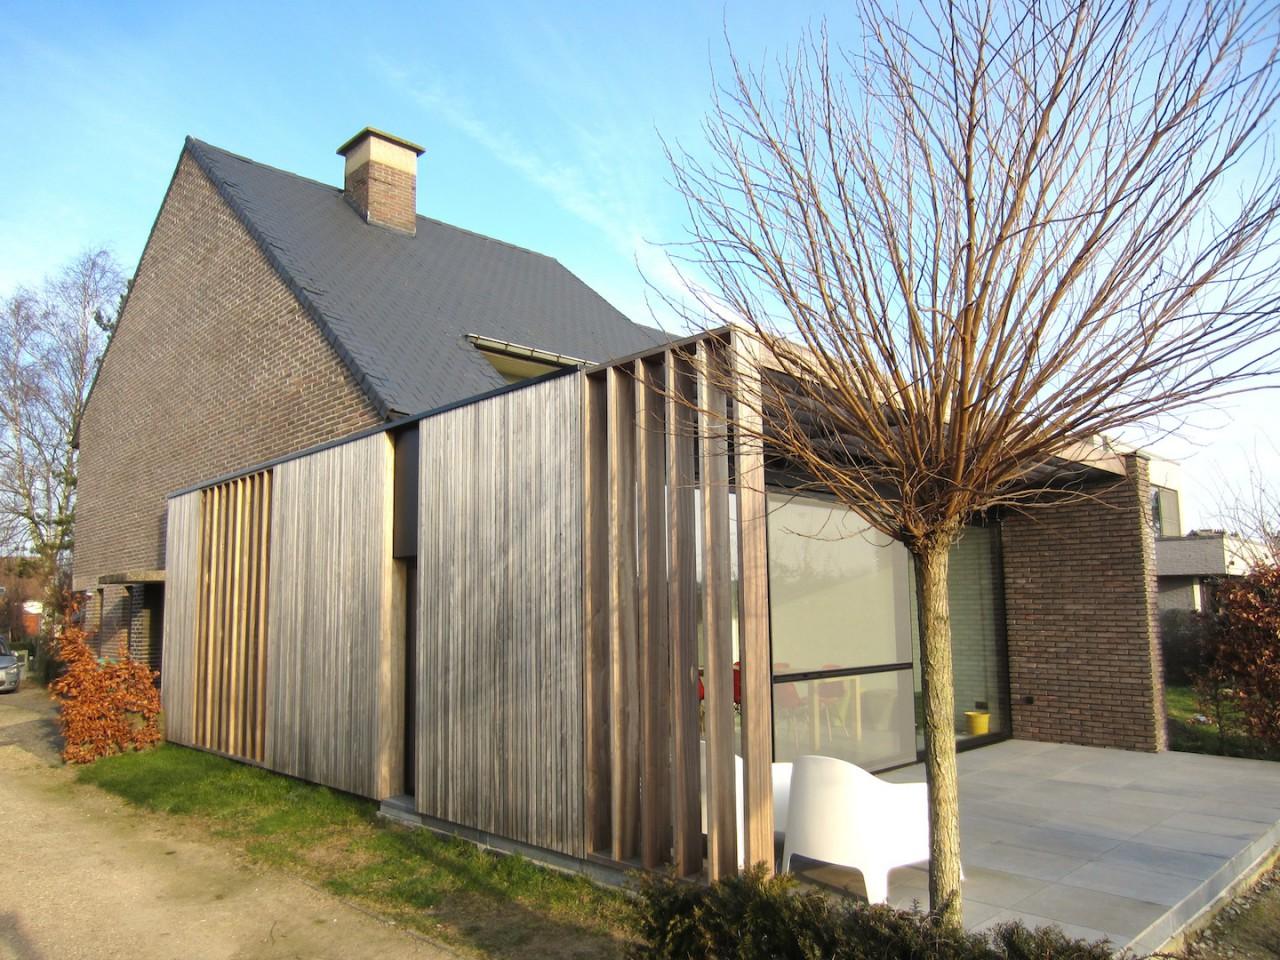 Uitbreiding huis bart vanwassenhove architecten - Uitbreiding stenen huis ...